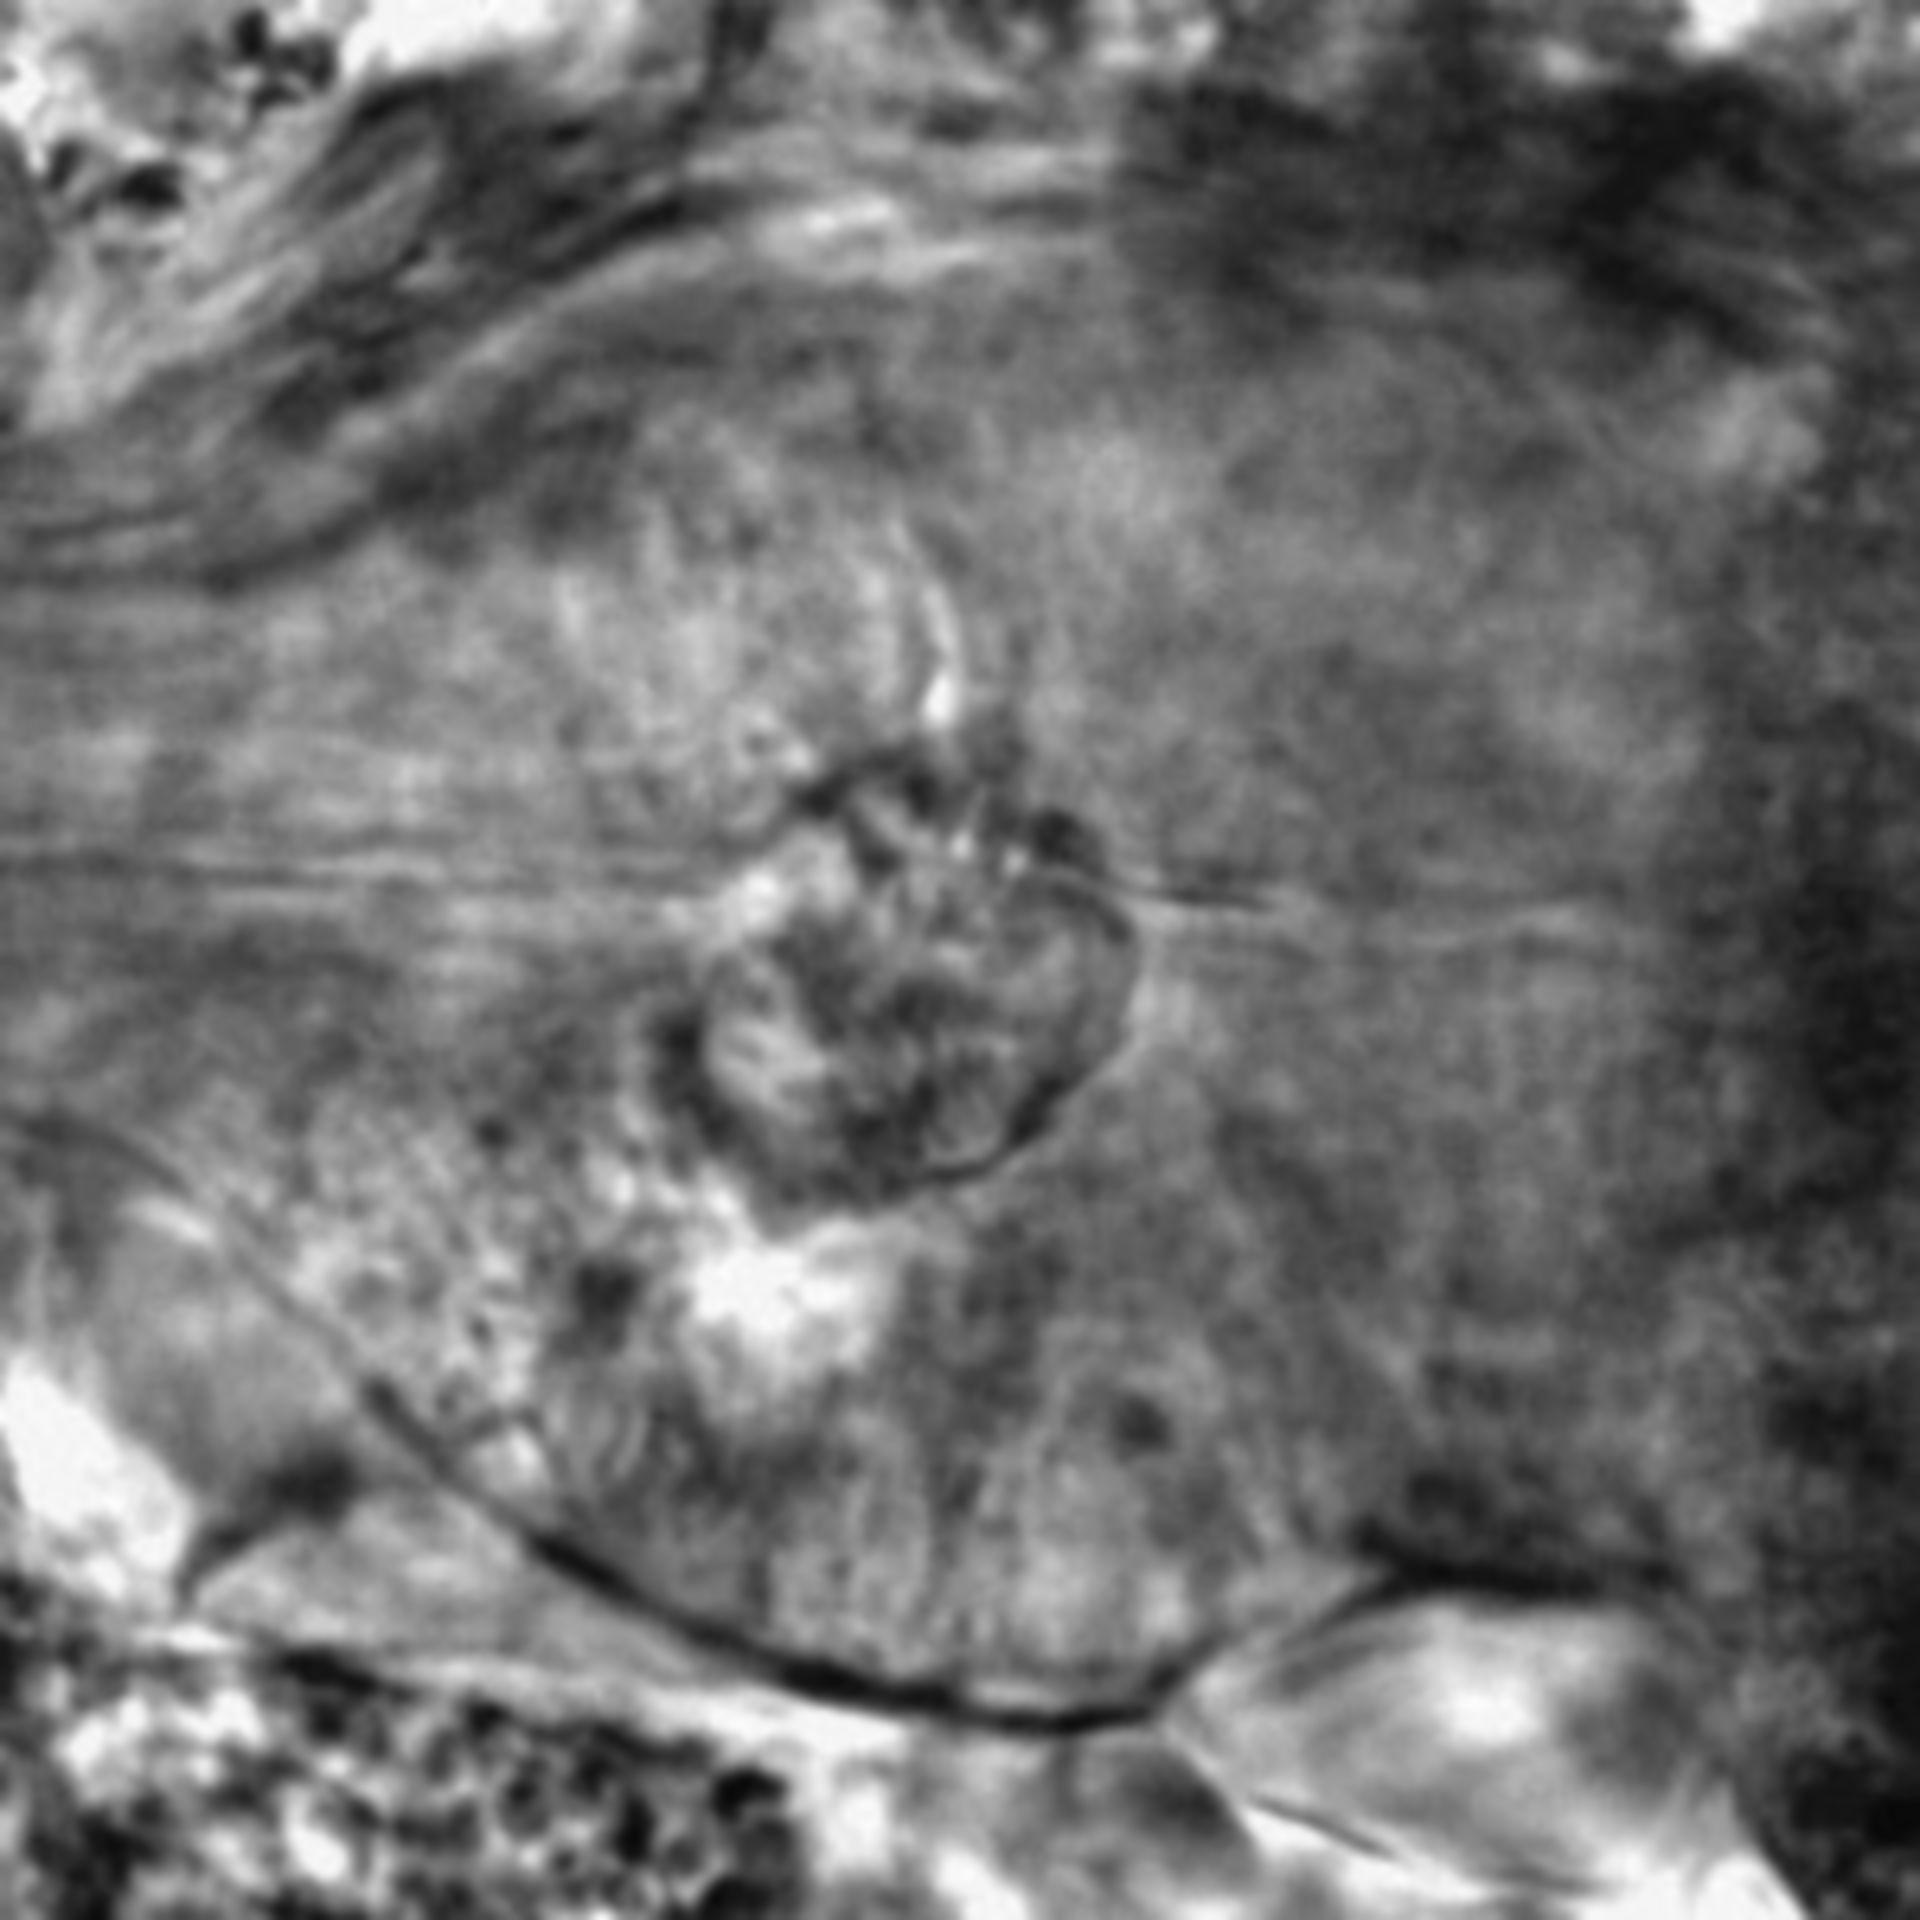 Caenorhabditis elegans - CIL:2249